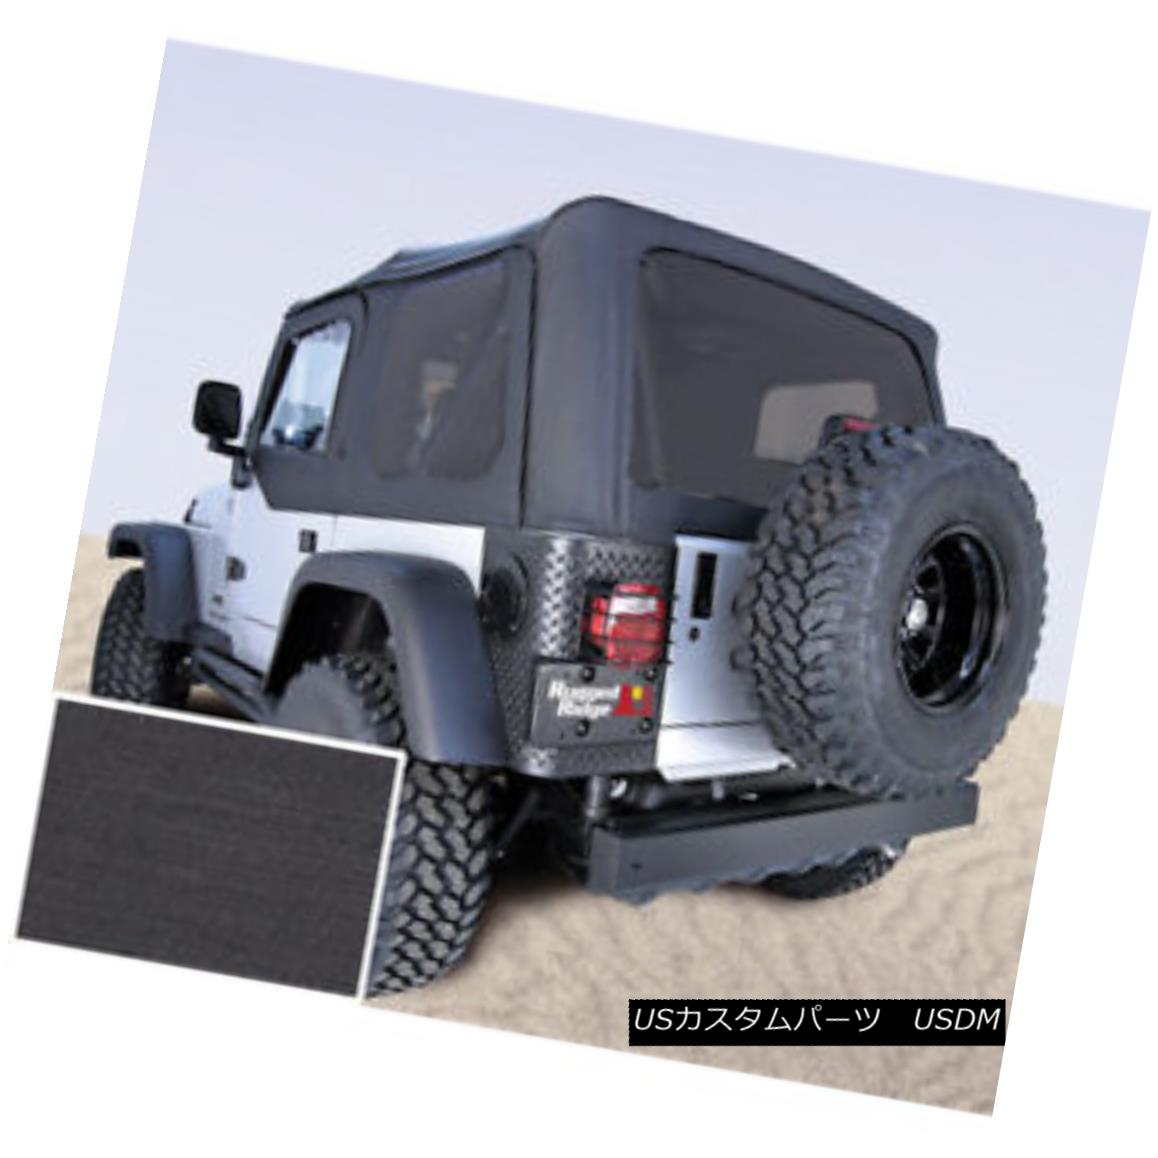 幌・ソフトトップ Rugged Ridge 13726.15 XHD Soft Top Black Denim Tinted Window Jeep Wrangler 頑丈なリッジ13726.15 XHDソフトトップブラックデニムティンテッドウィンドウジープラングラー